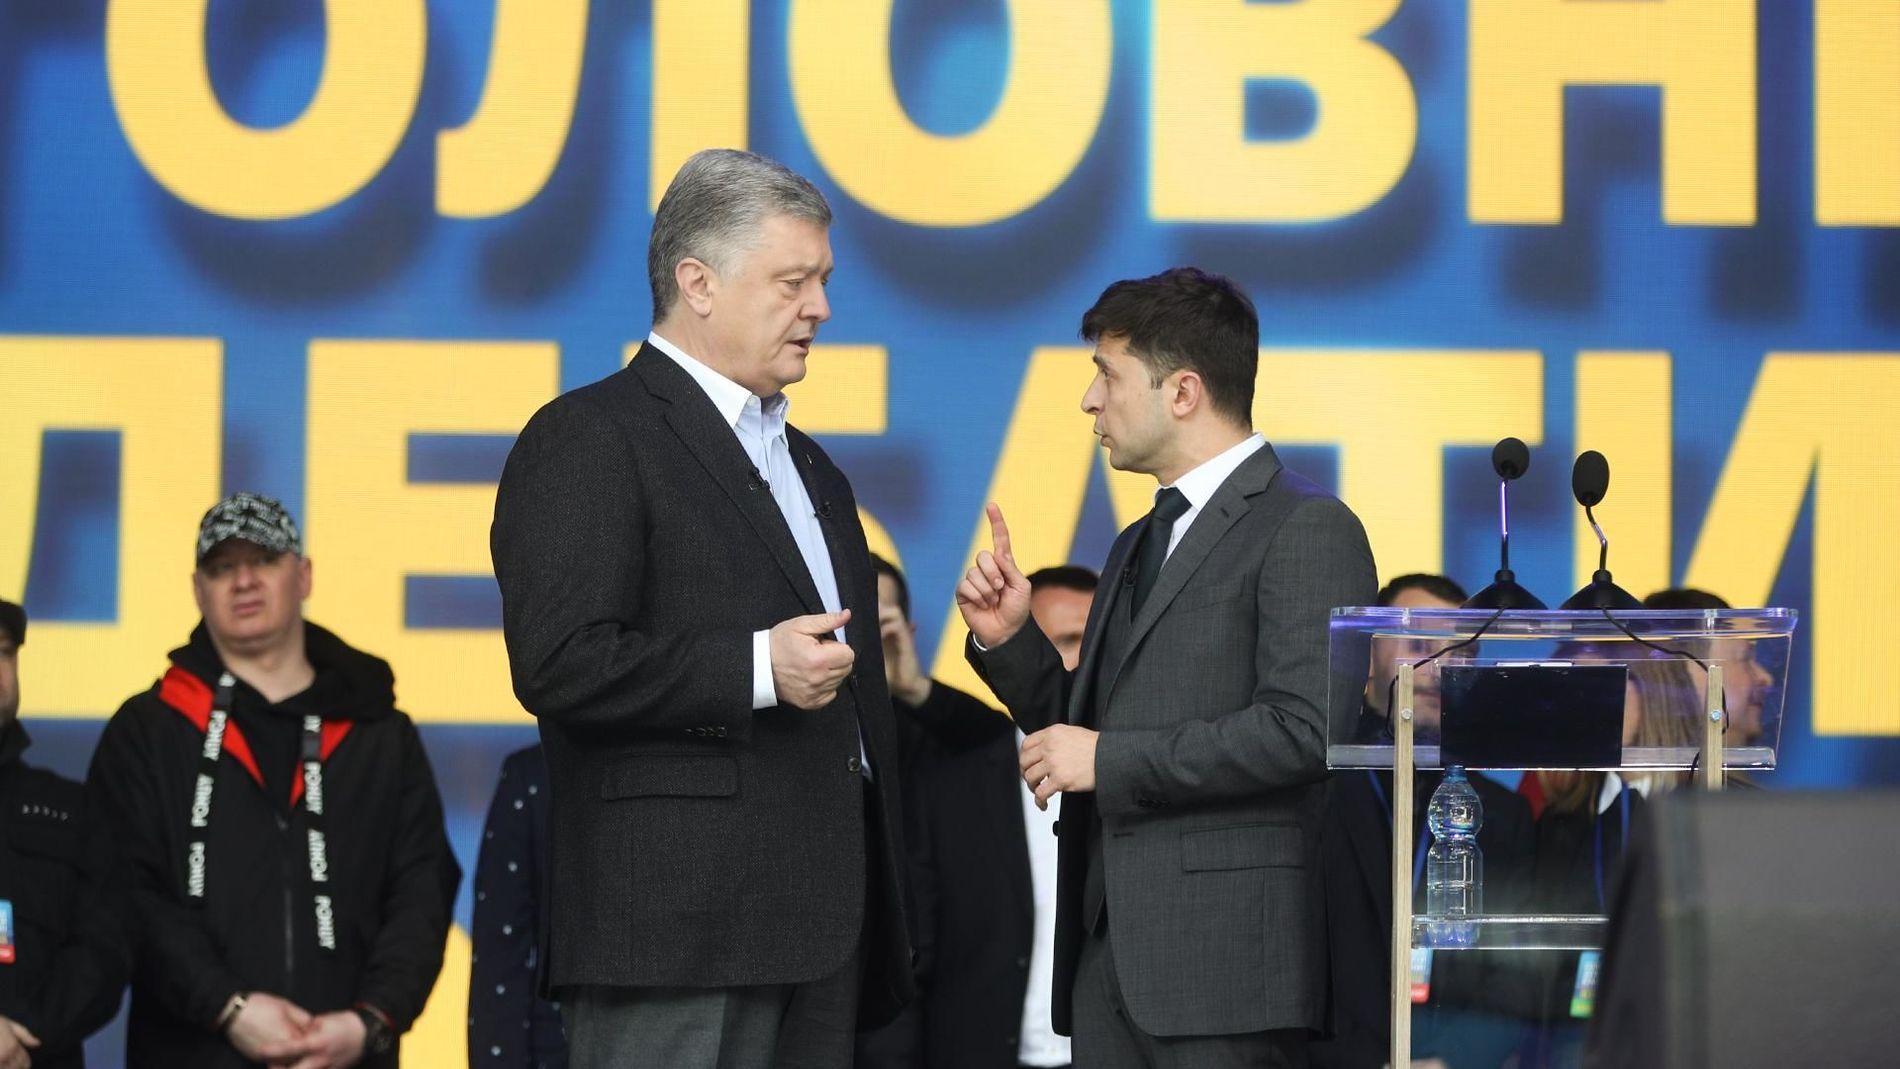 Украина, Политика, Зеленский, Порошенко, Юнкер, Еврокомиссия